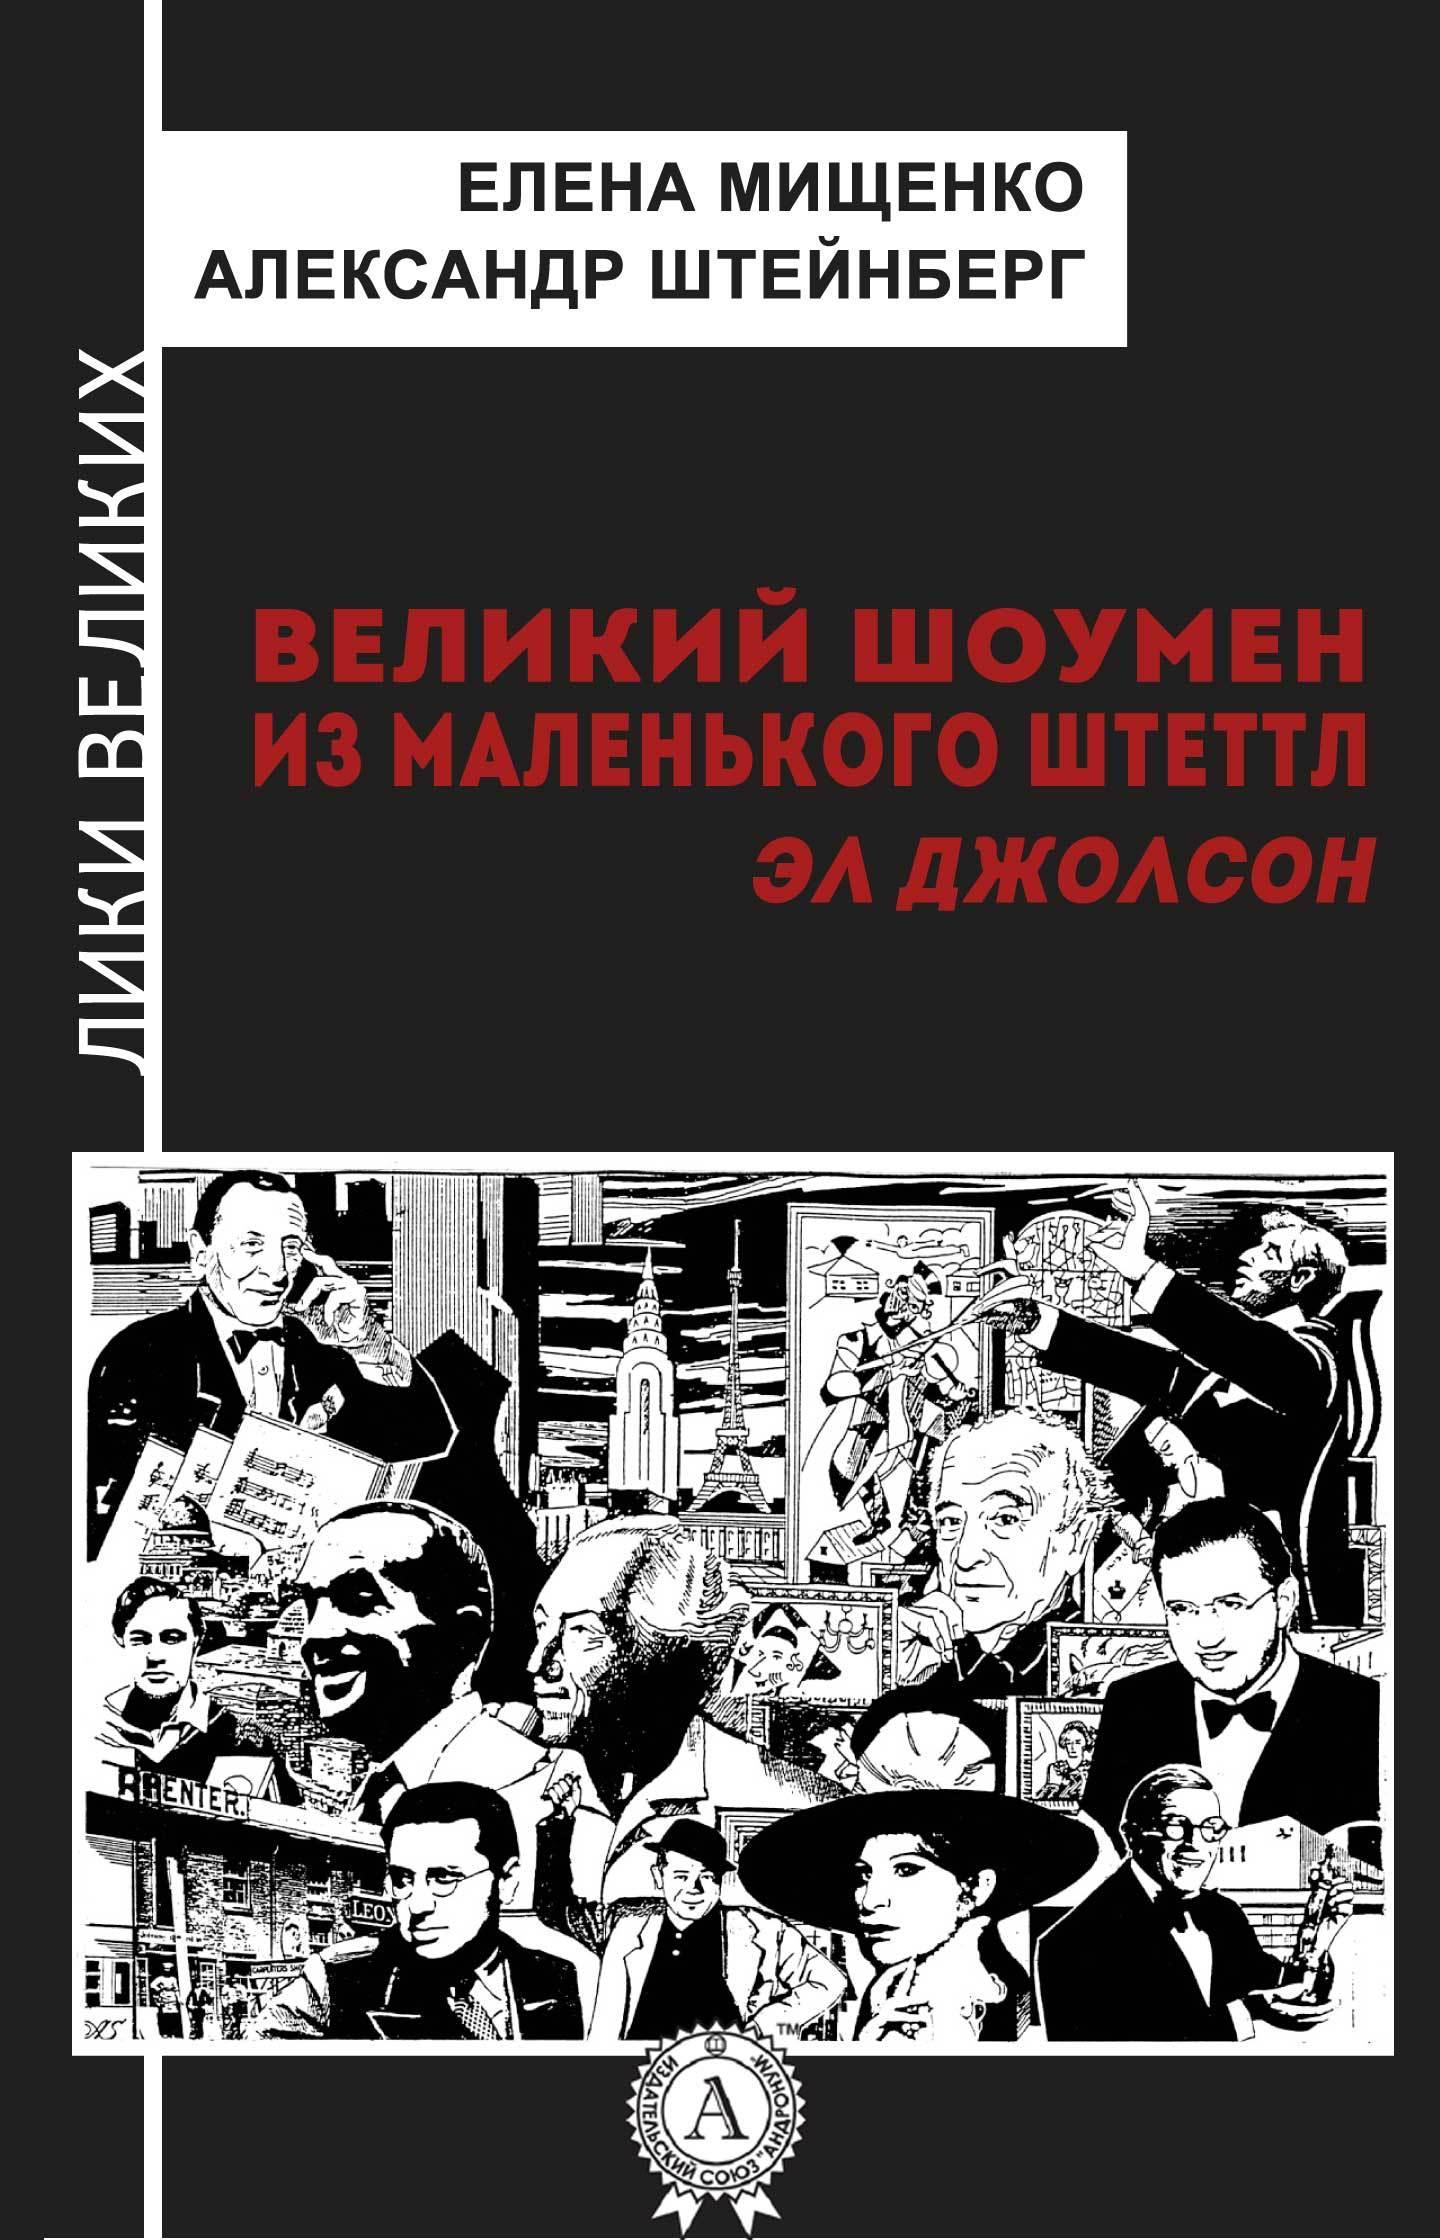 Обложка книги Великий шоумен из маленького Штеттл. Эл Джолсон, автор Мищенко, Елена